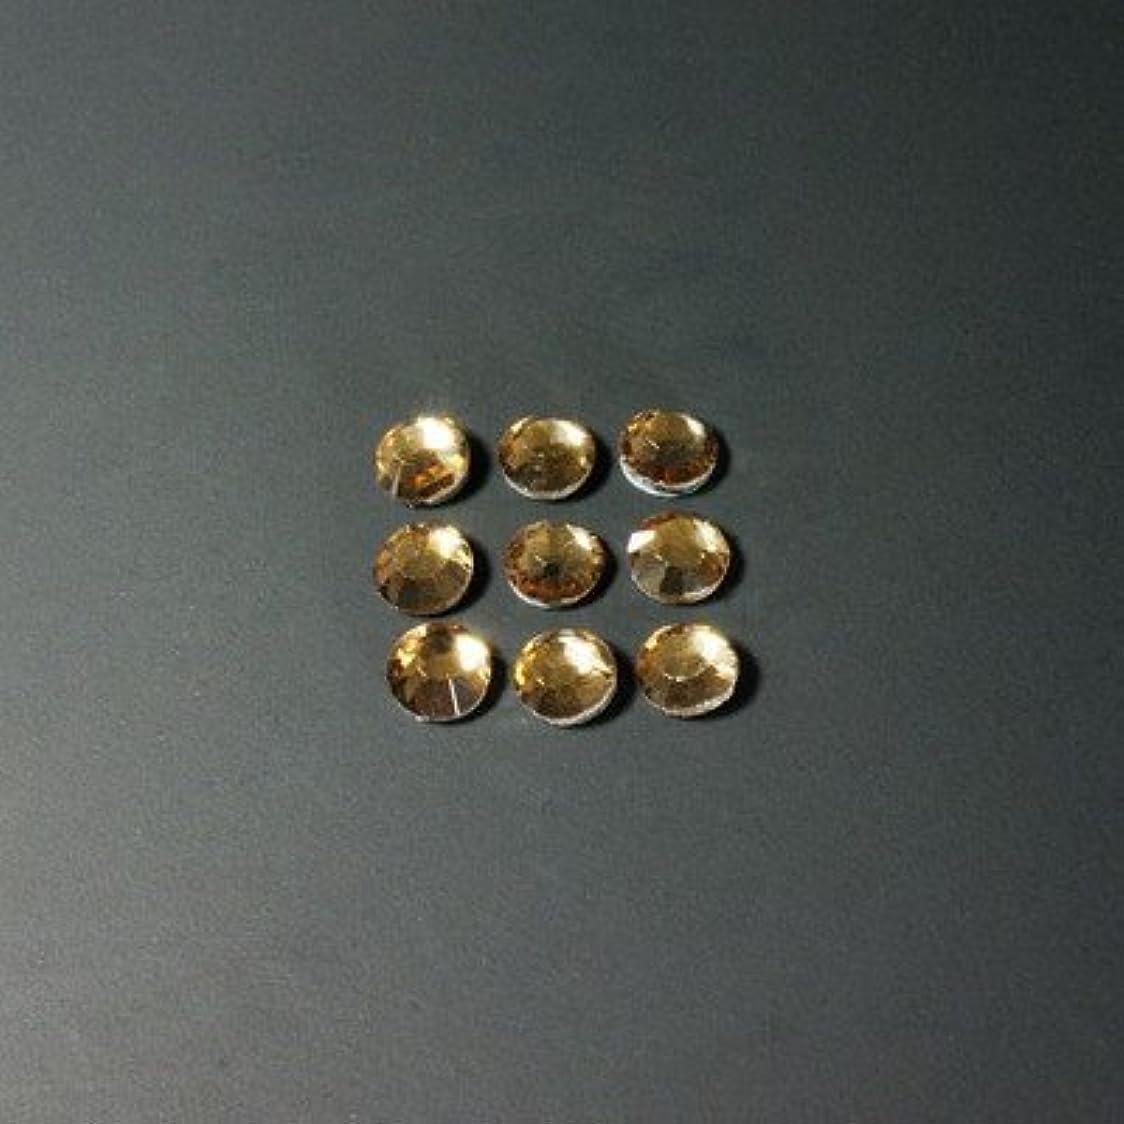 パラシュートセブン頭Ya Hua Tewel デコ ラインストーン machine cut stone 3.5mm 60個